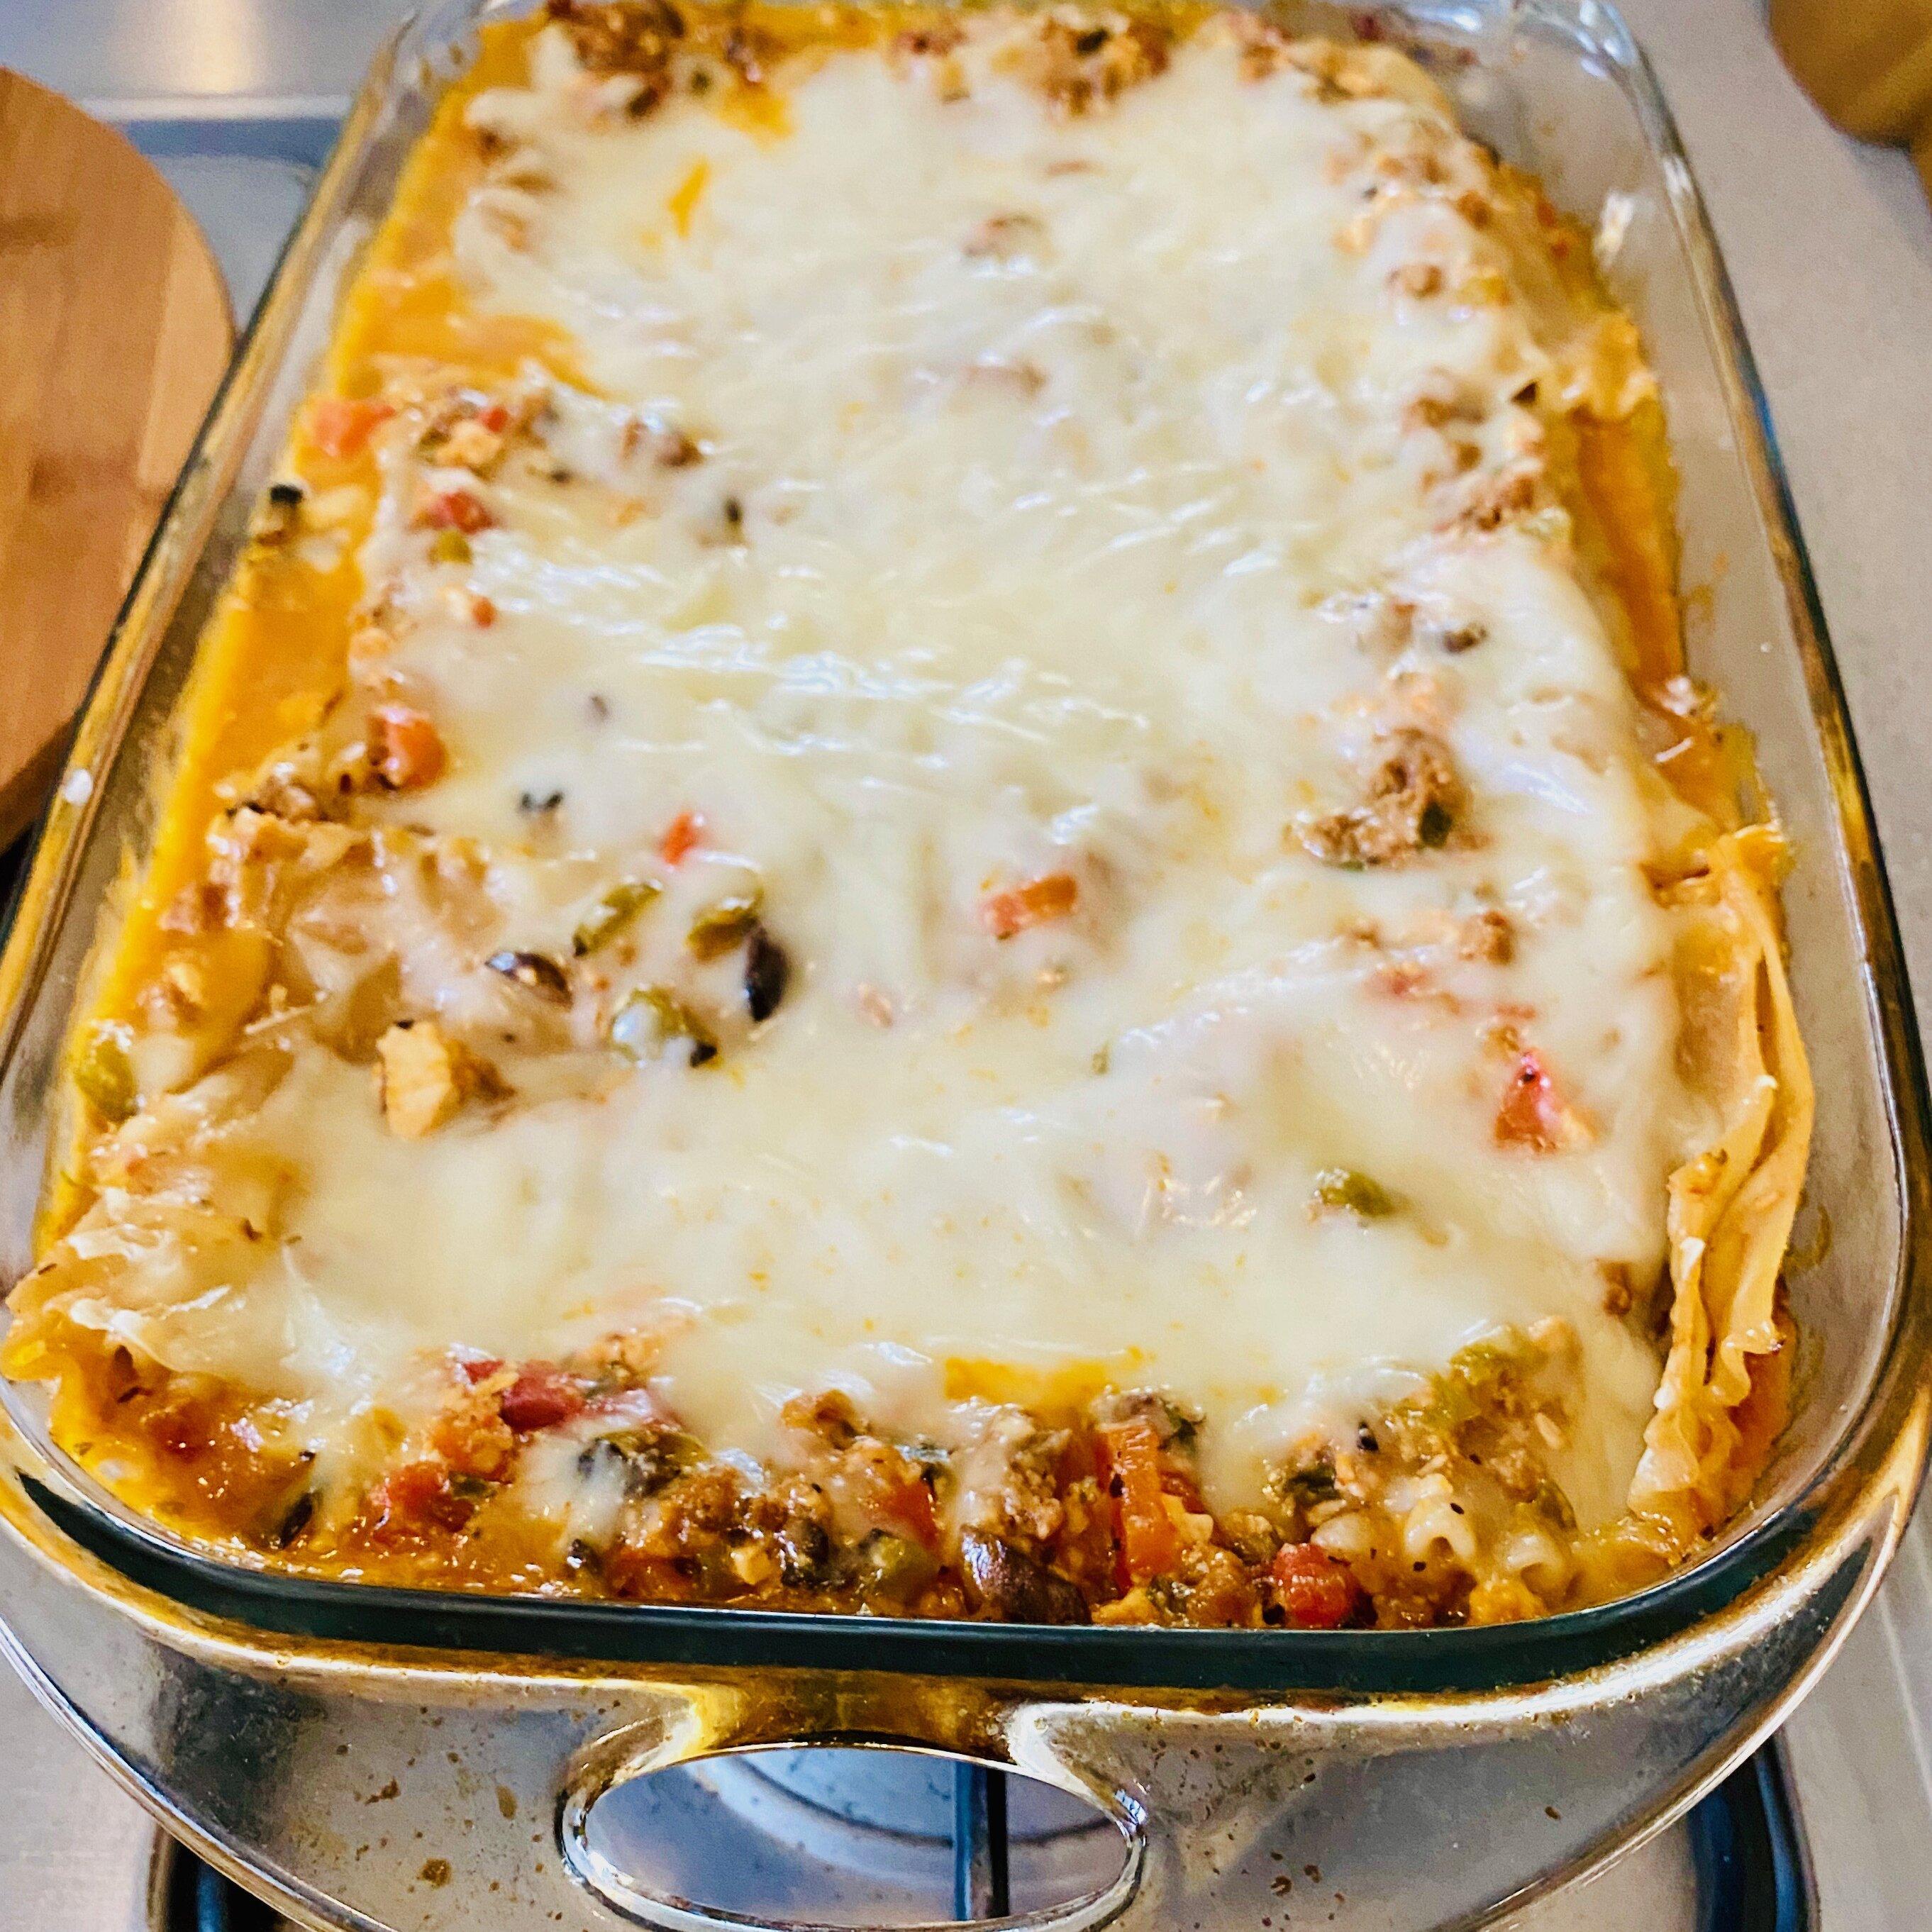 michelles vegan lasagna recipe